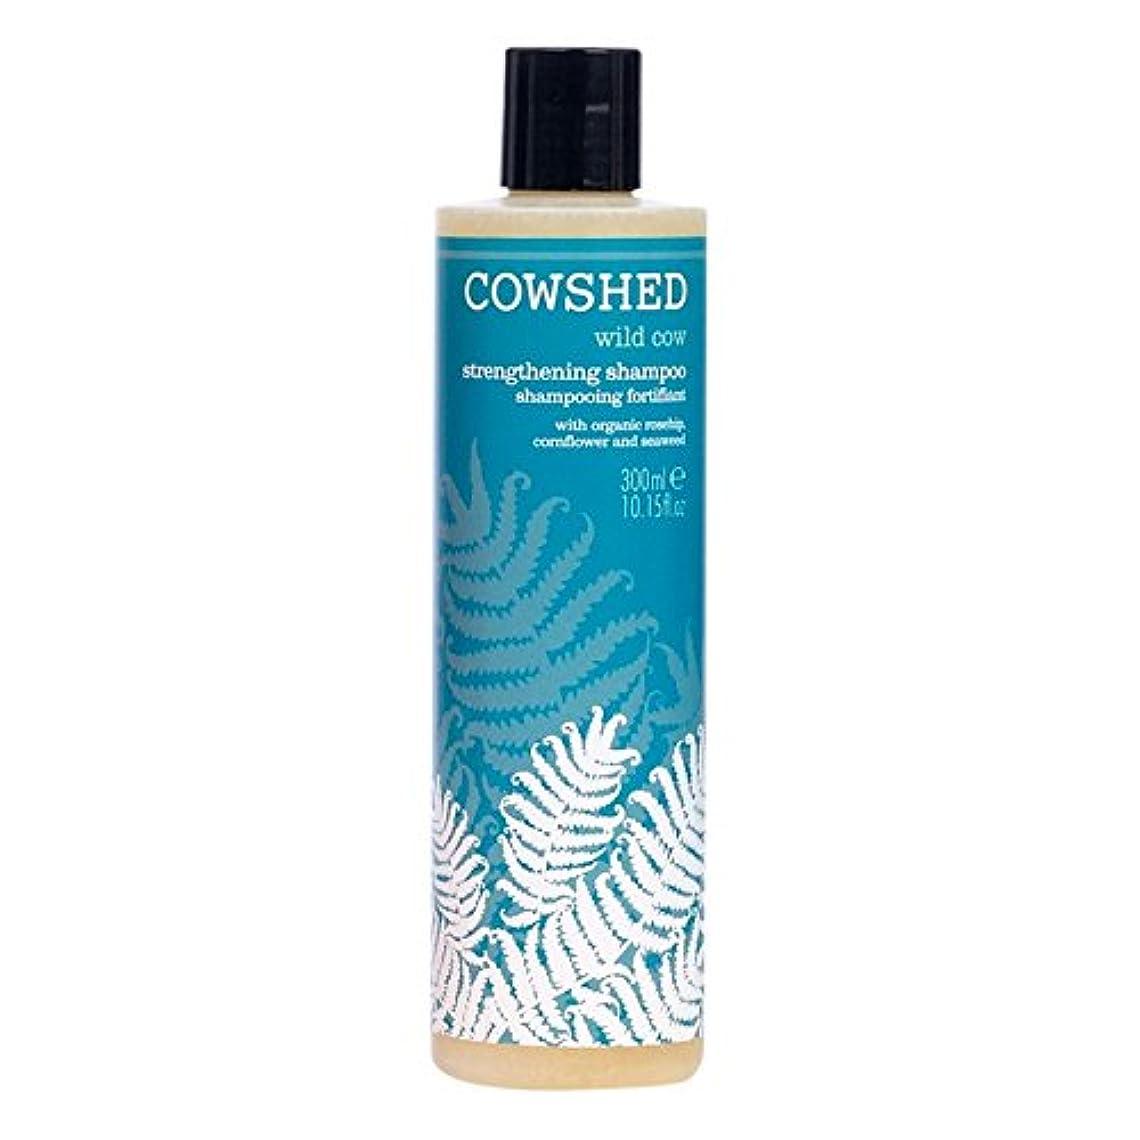 基礎小屋無知牛舎野生牛強化シャンプー300ミリリットル (Cowshed) - Cowshed Wild Cow Strengthening Shampoo 300ml [並行輸入品]